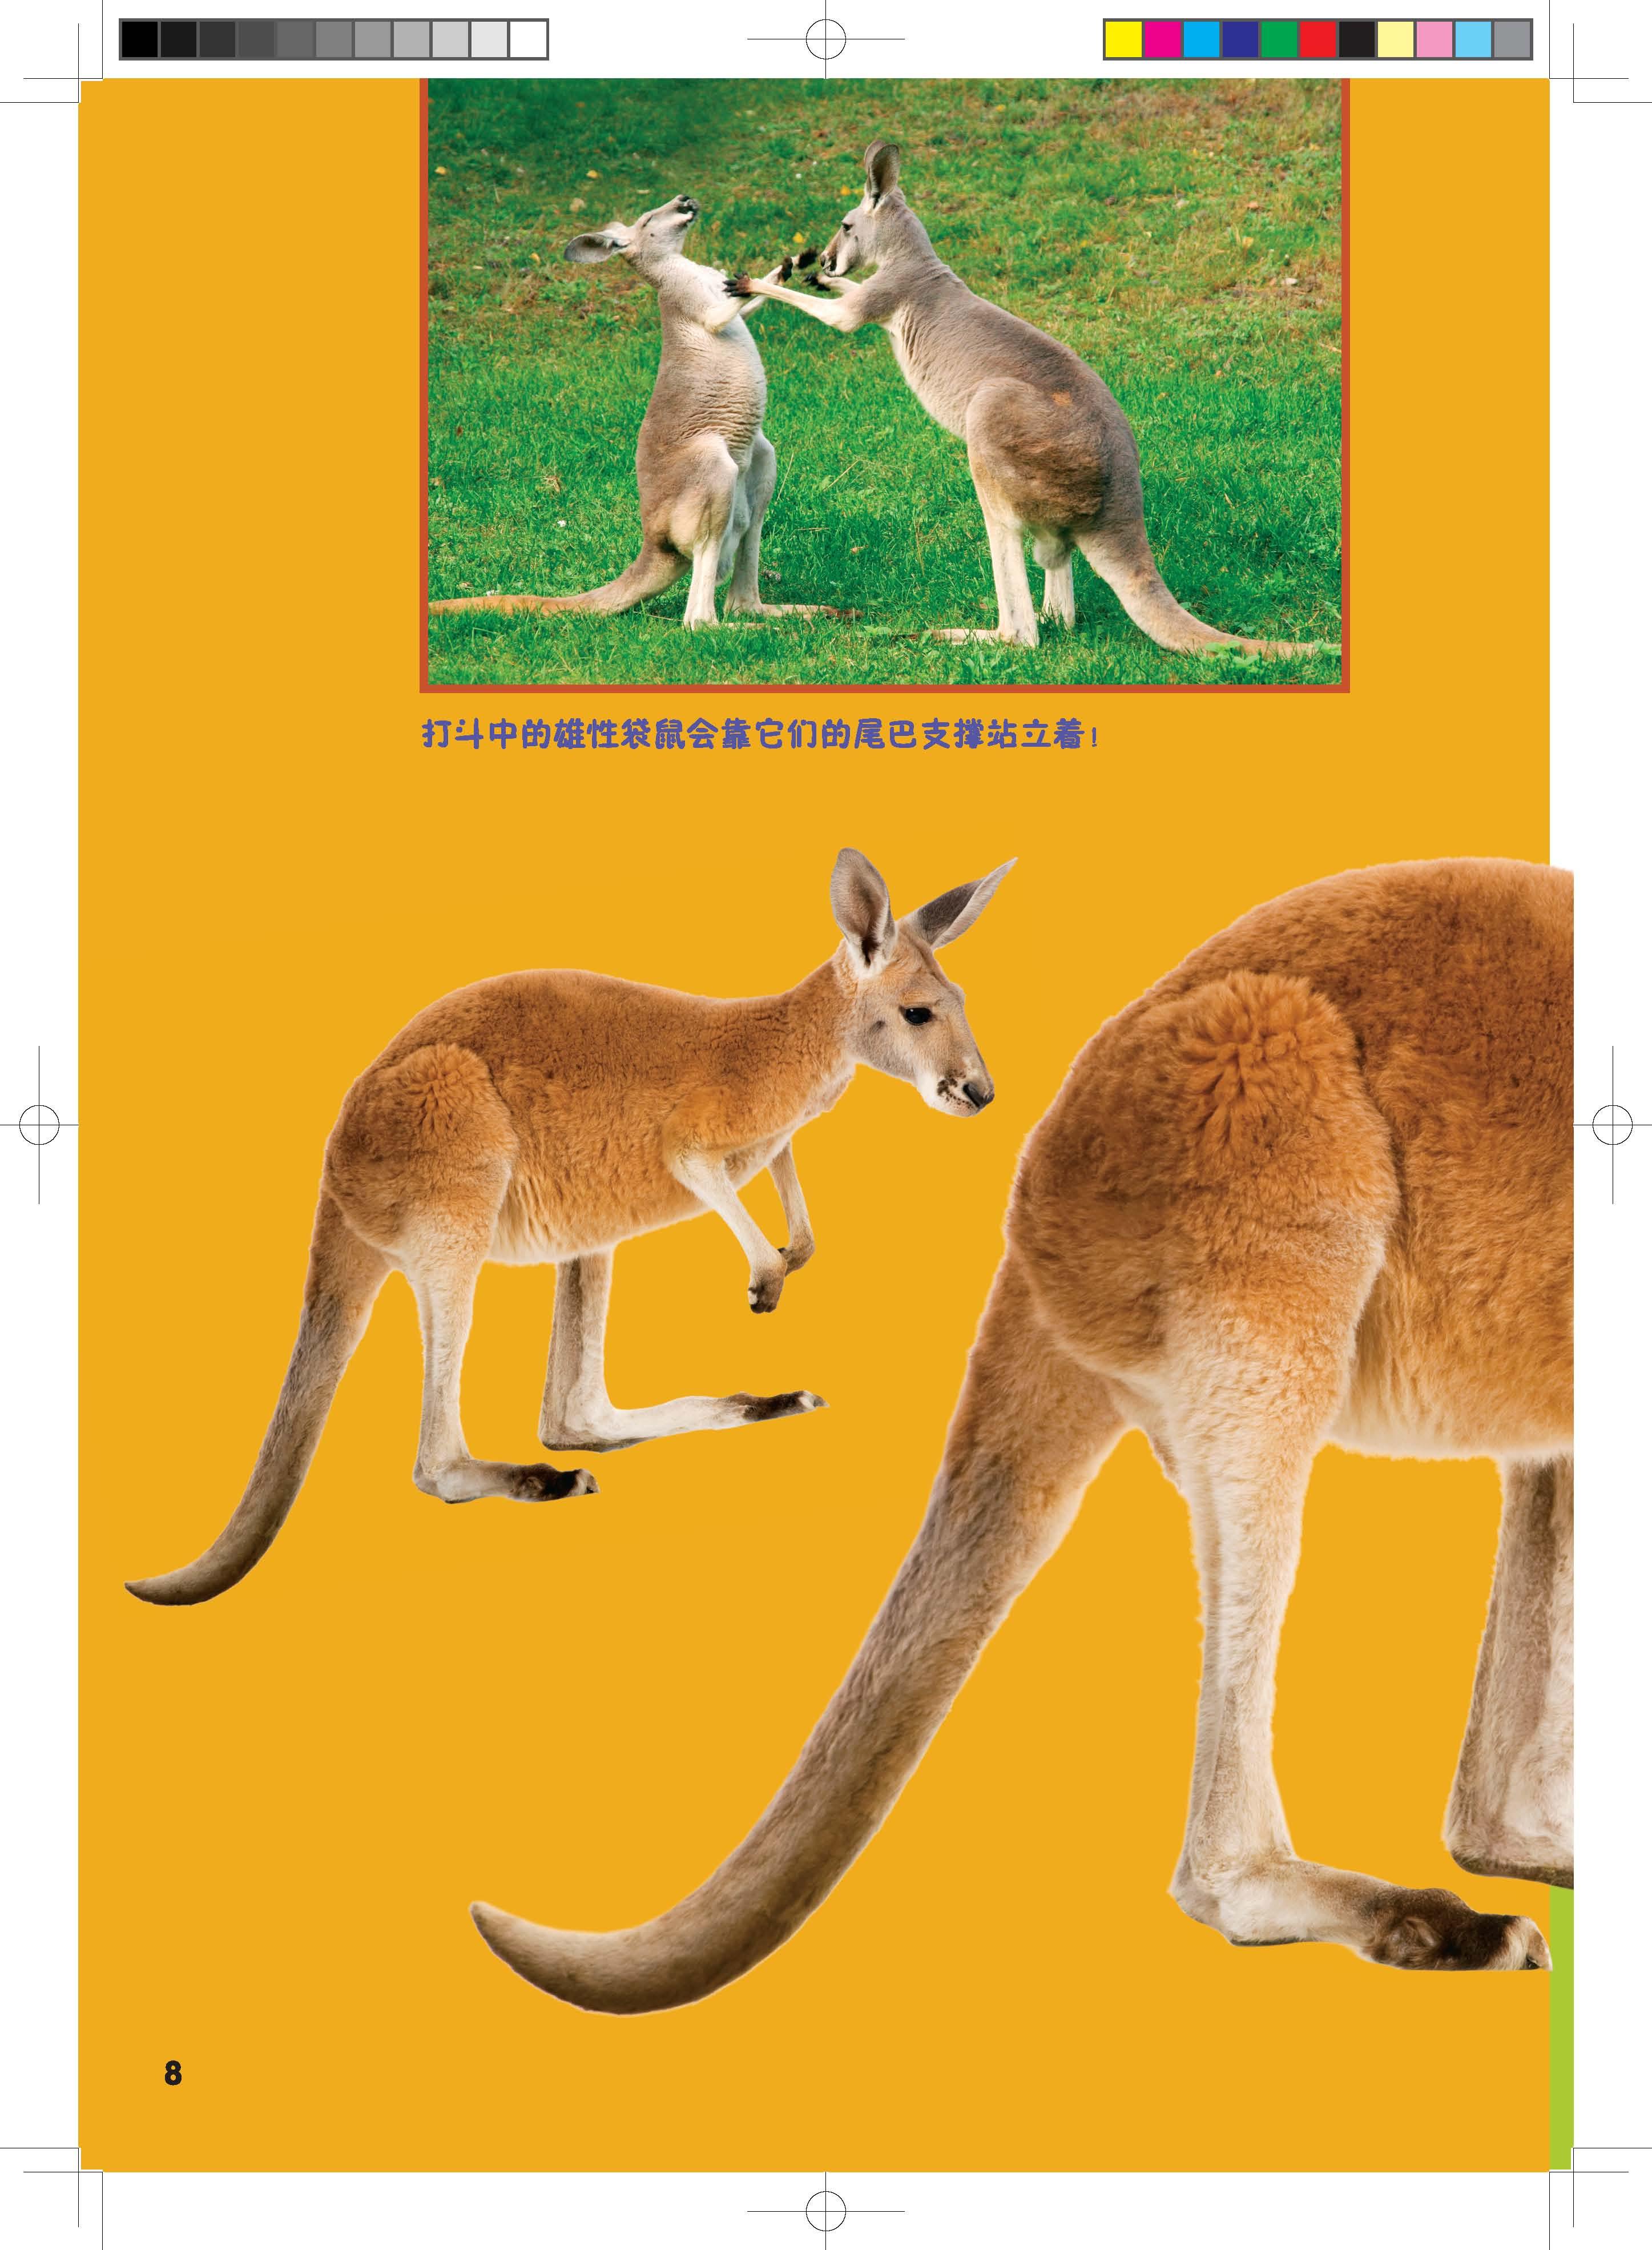 奇妙的动物——神奇的尾巴(以科学